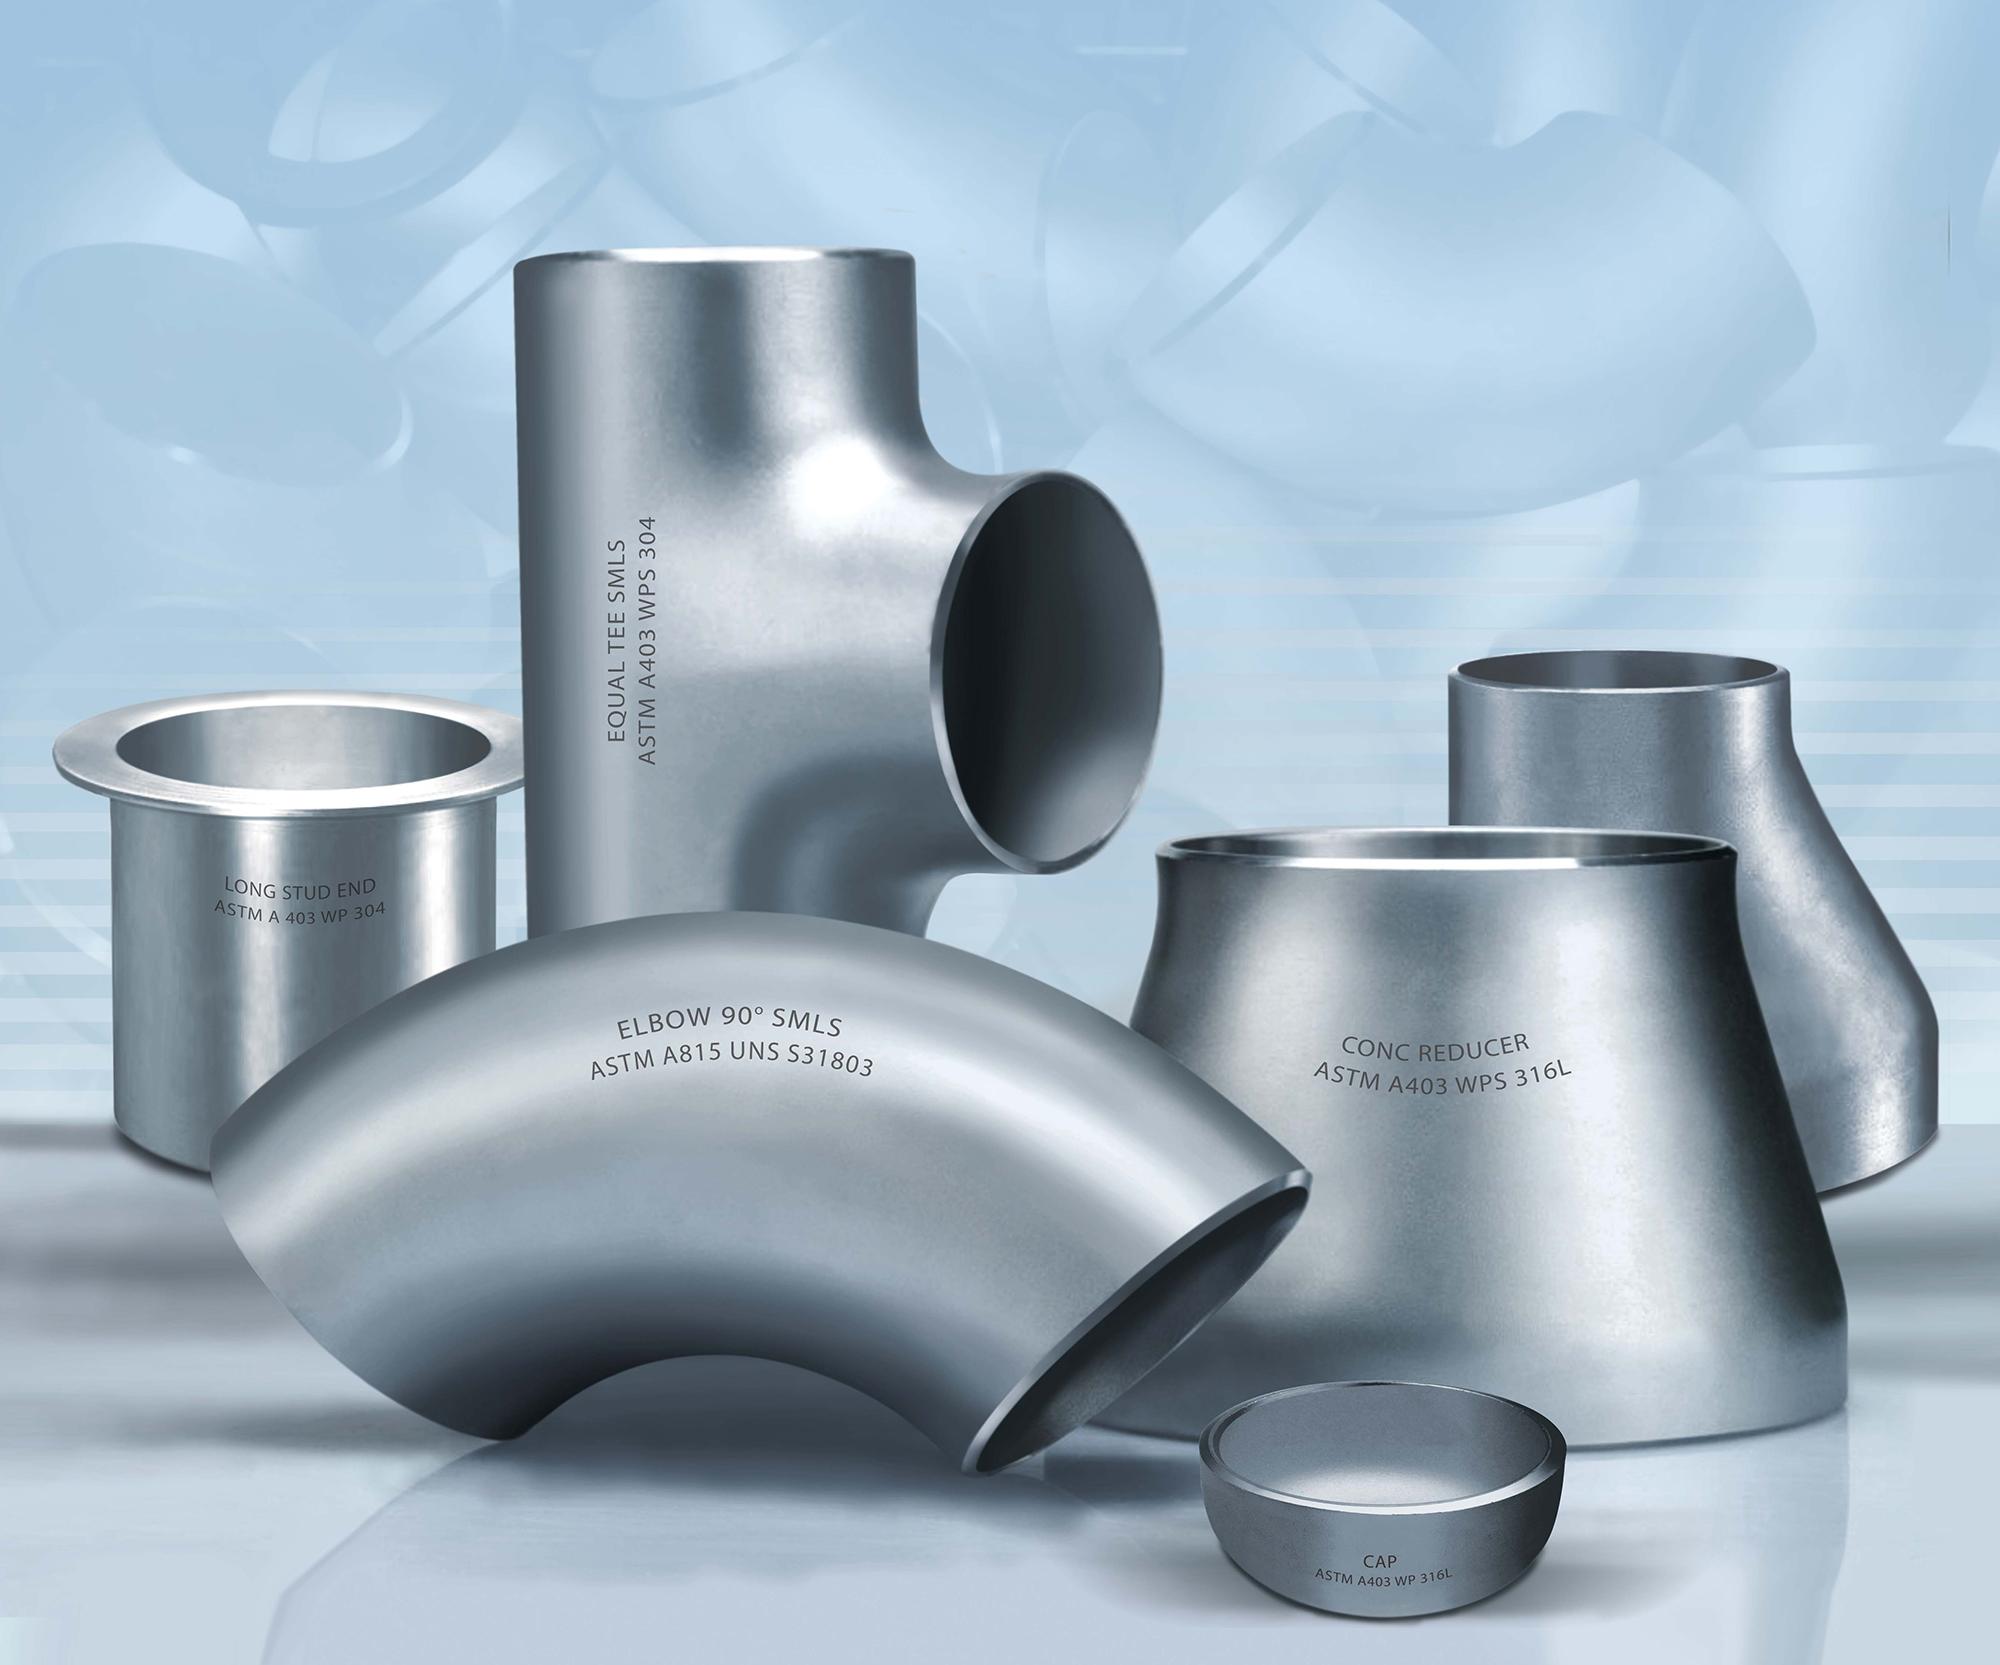 Top 5 đơn vị phân phối phụ kiện ống thép giá rẻ, uy tín nhất tại TPHCM